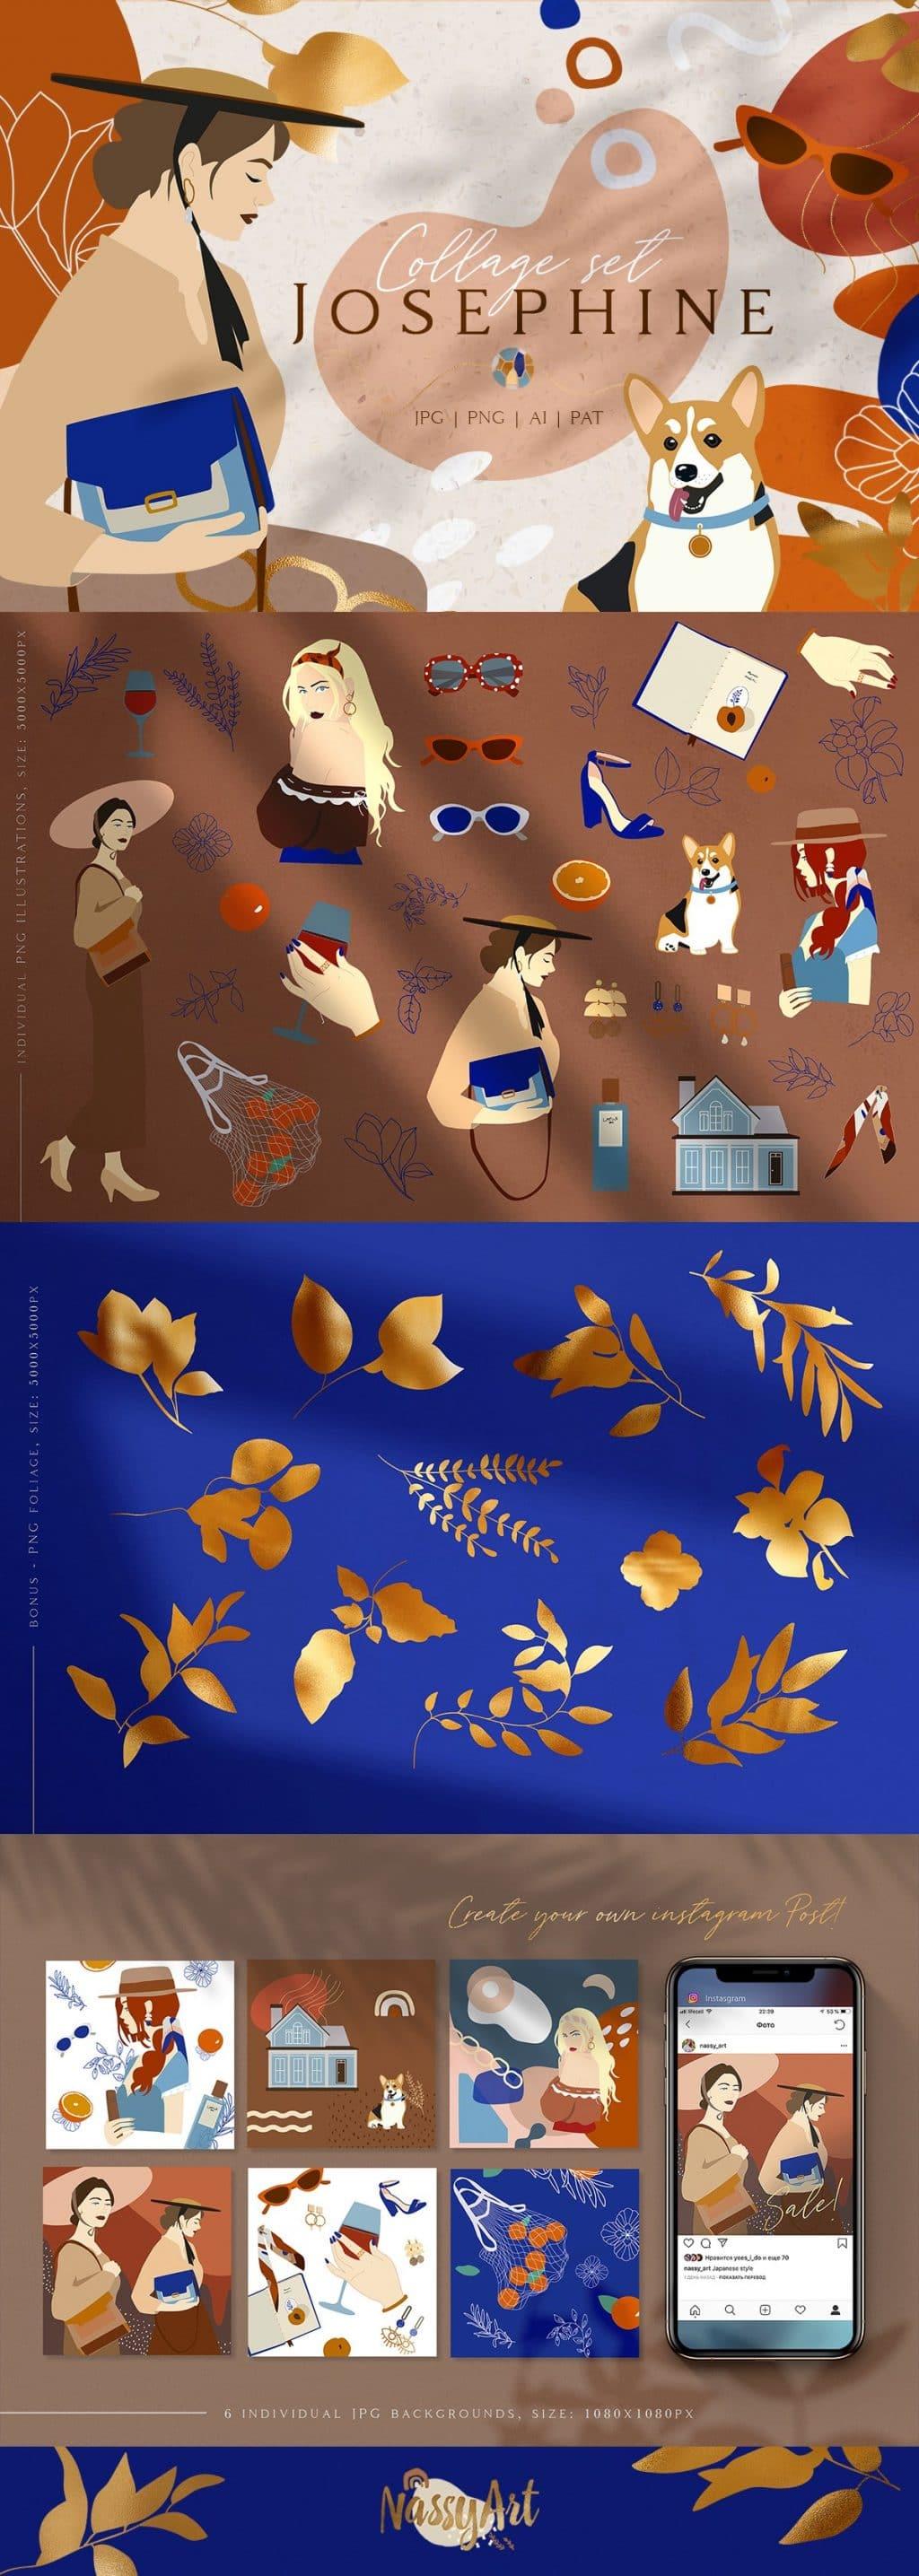 Josephine Branding Collage Set - $16 - 1а